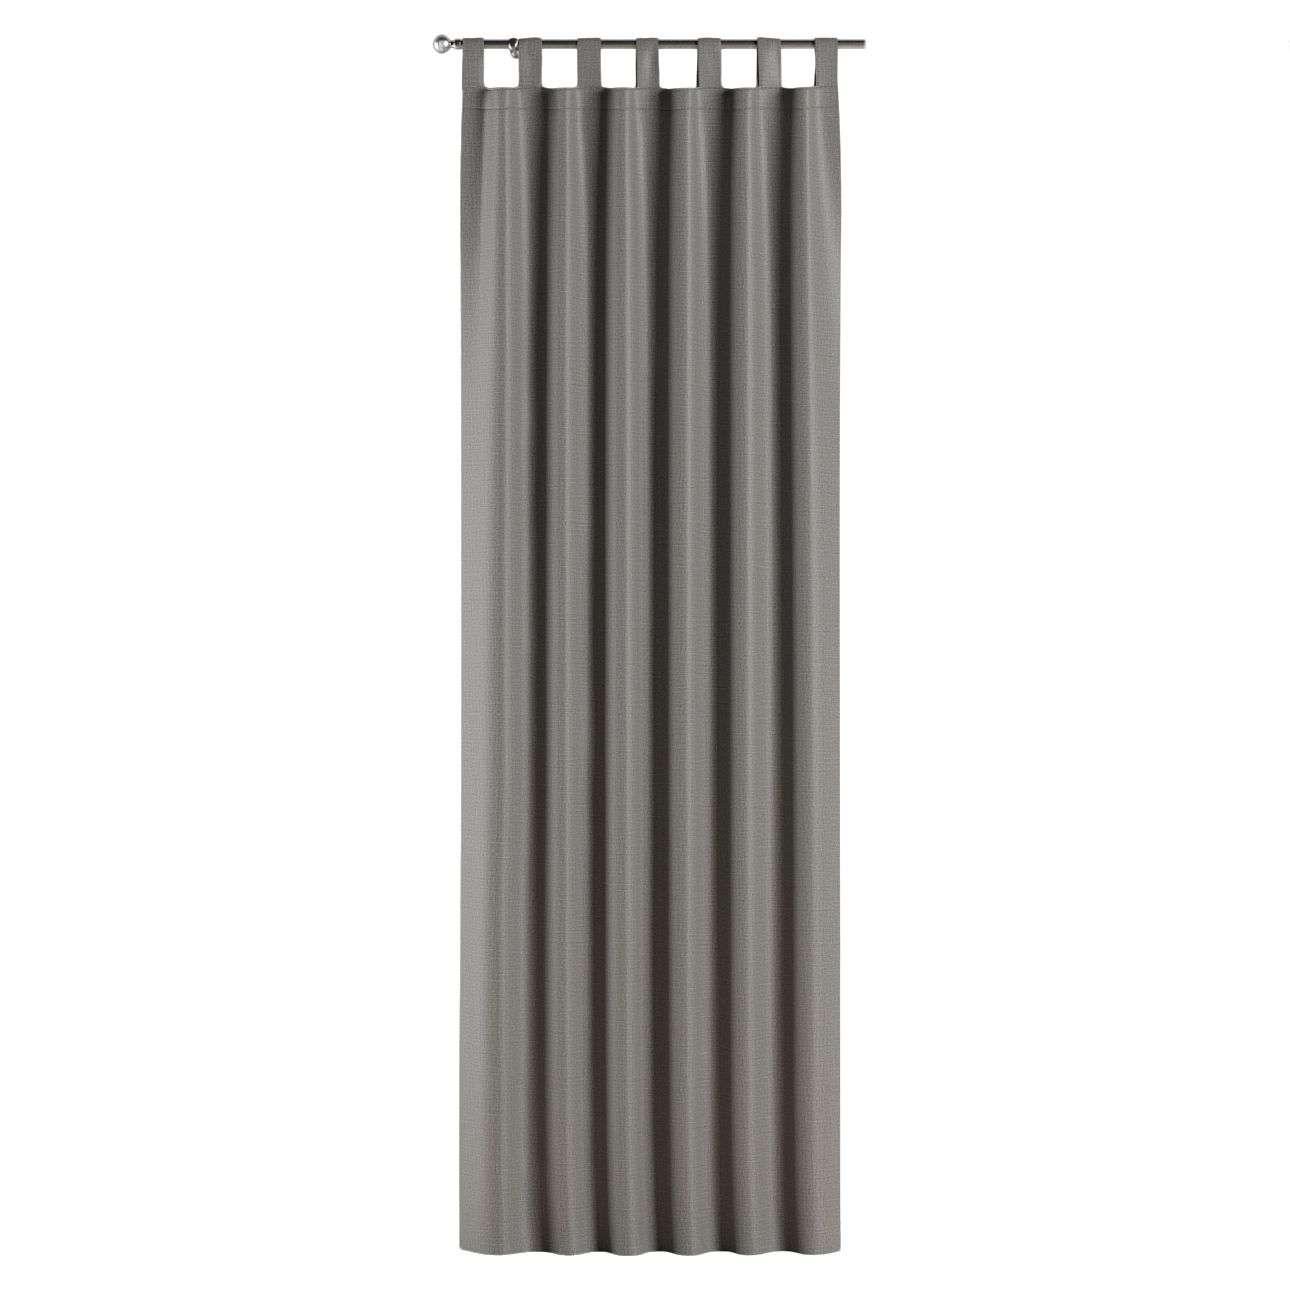 Verdunklungsvorhang mit Schlaufen 1 Stck. 140x260 cm von der Kollektion Blackout (verdunkelnd), Stoff: 269-63